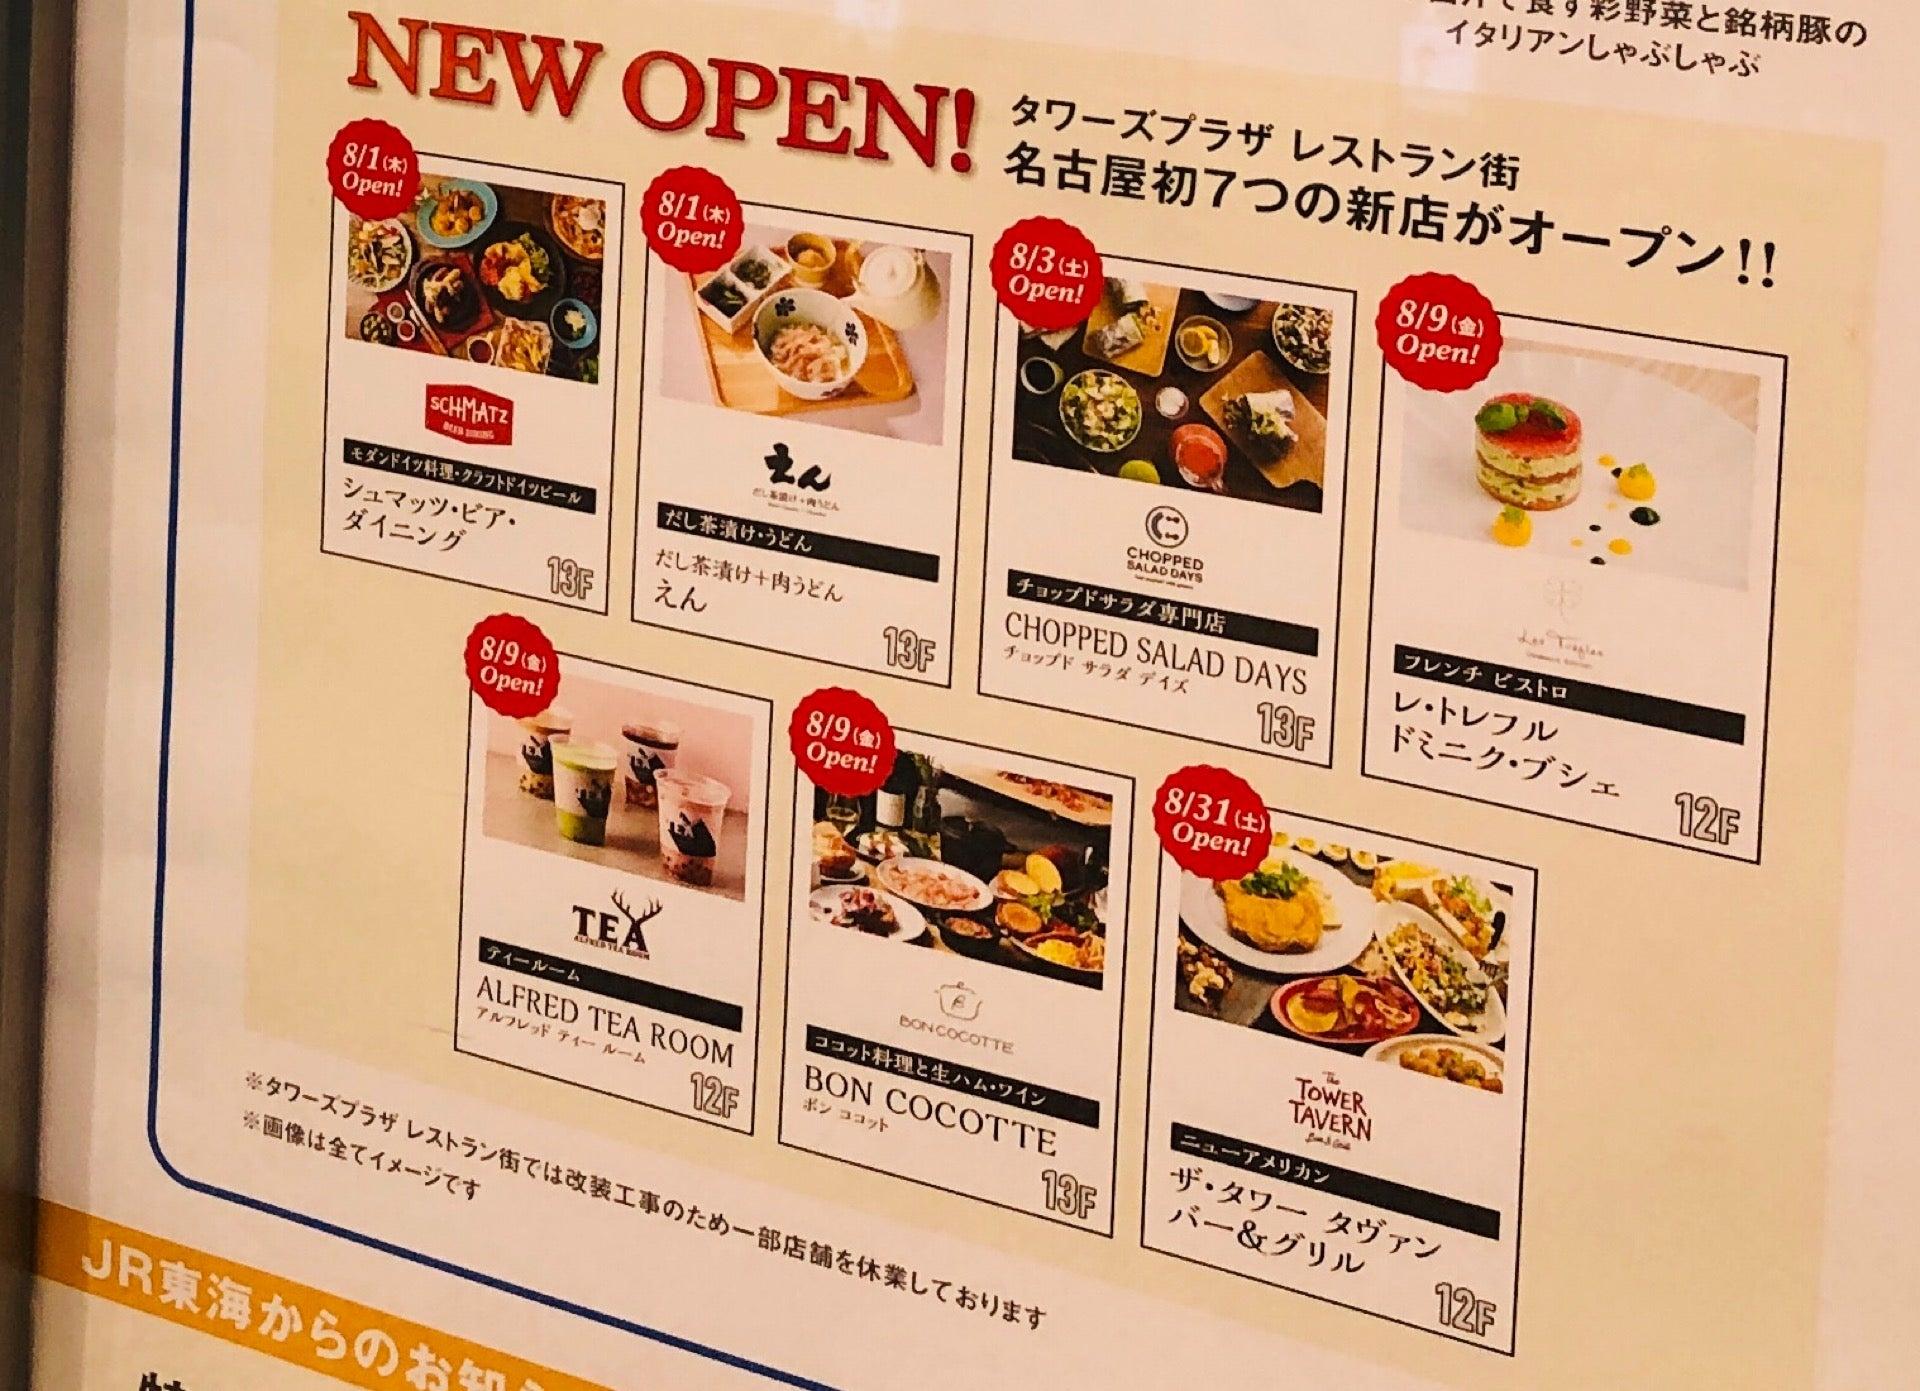 レストラン街に7つの新店。 (@ JRセントラルタワーズ in 名古屋市, 愛知県) https://t.co/upiKZQT4ol https://t.co/xLaVmcjx7b